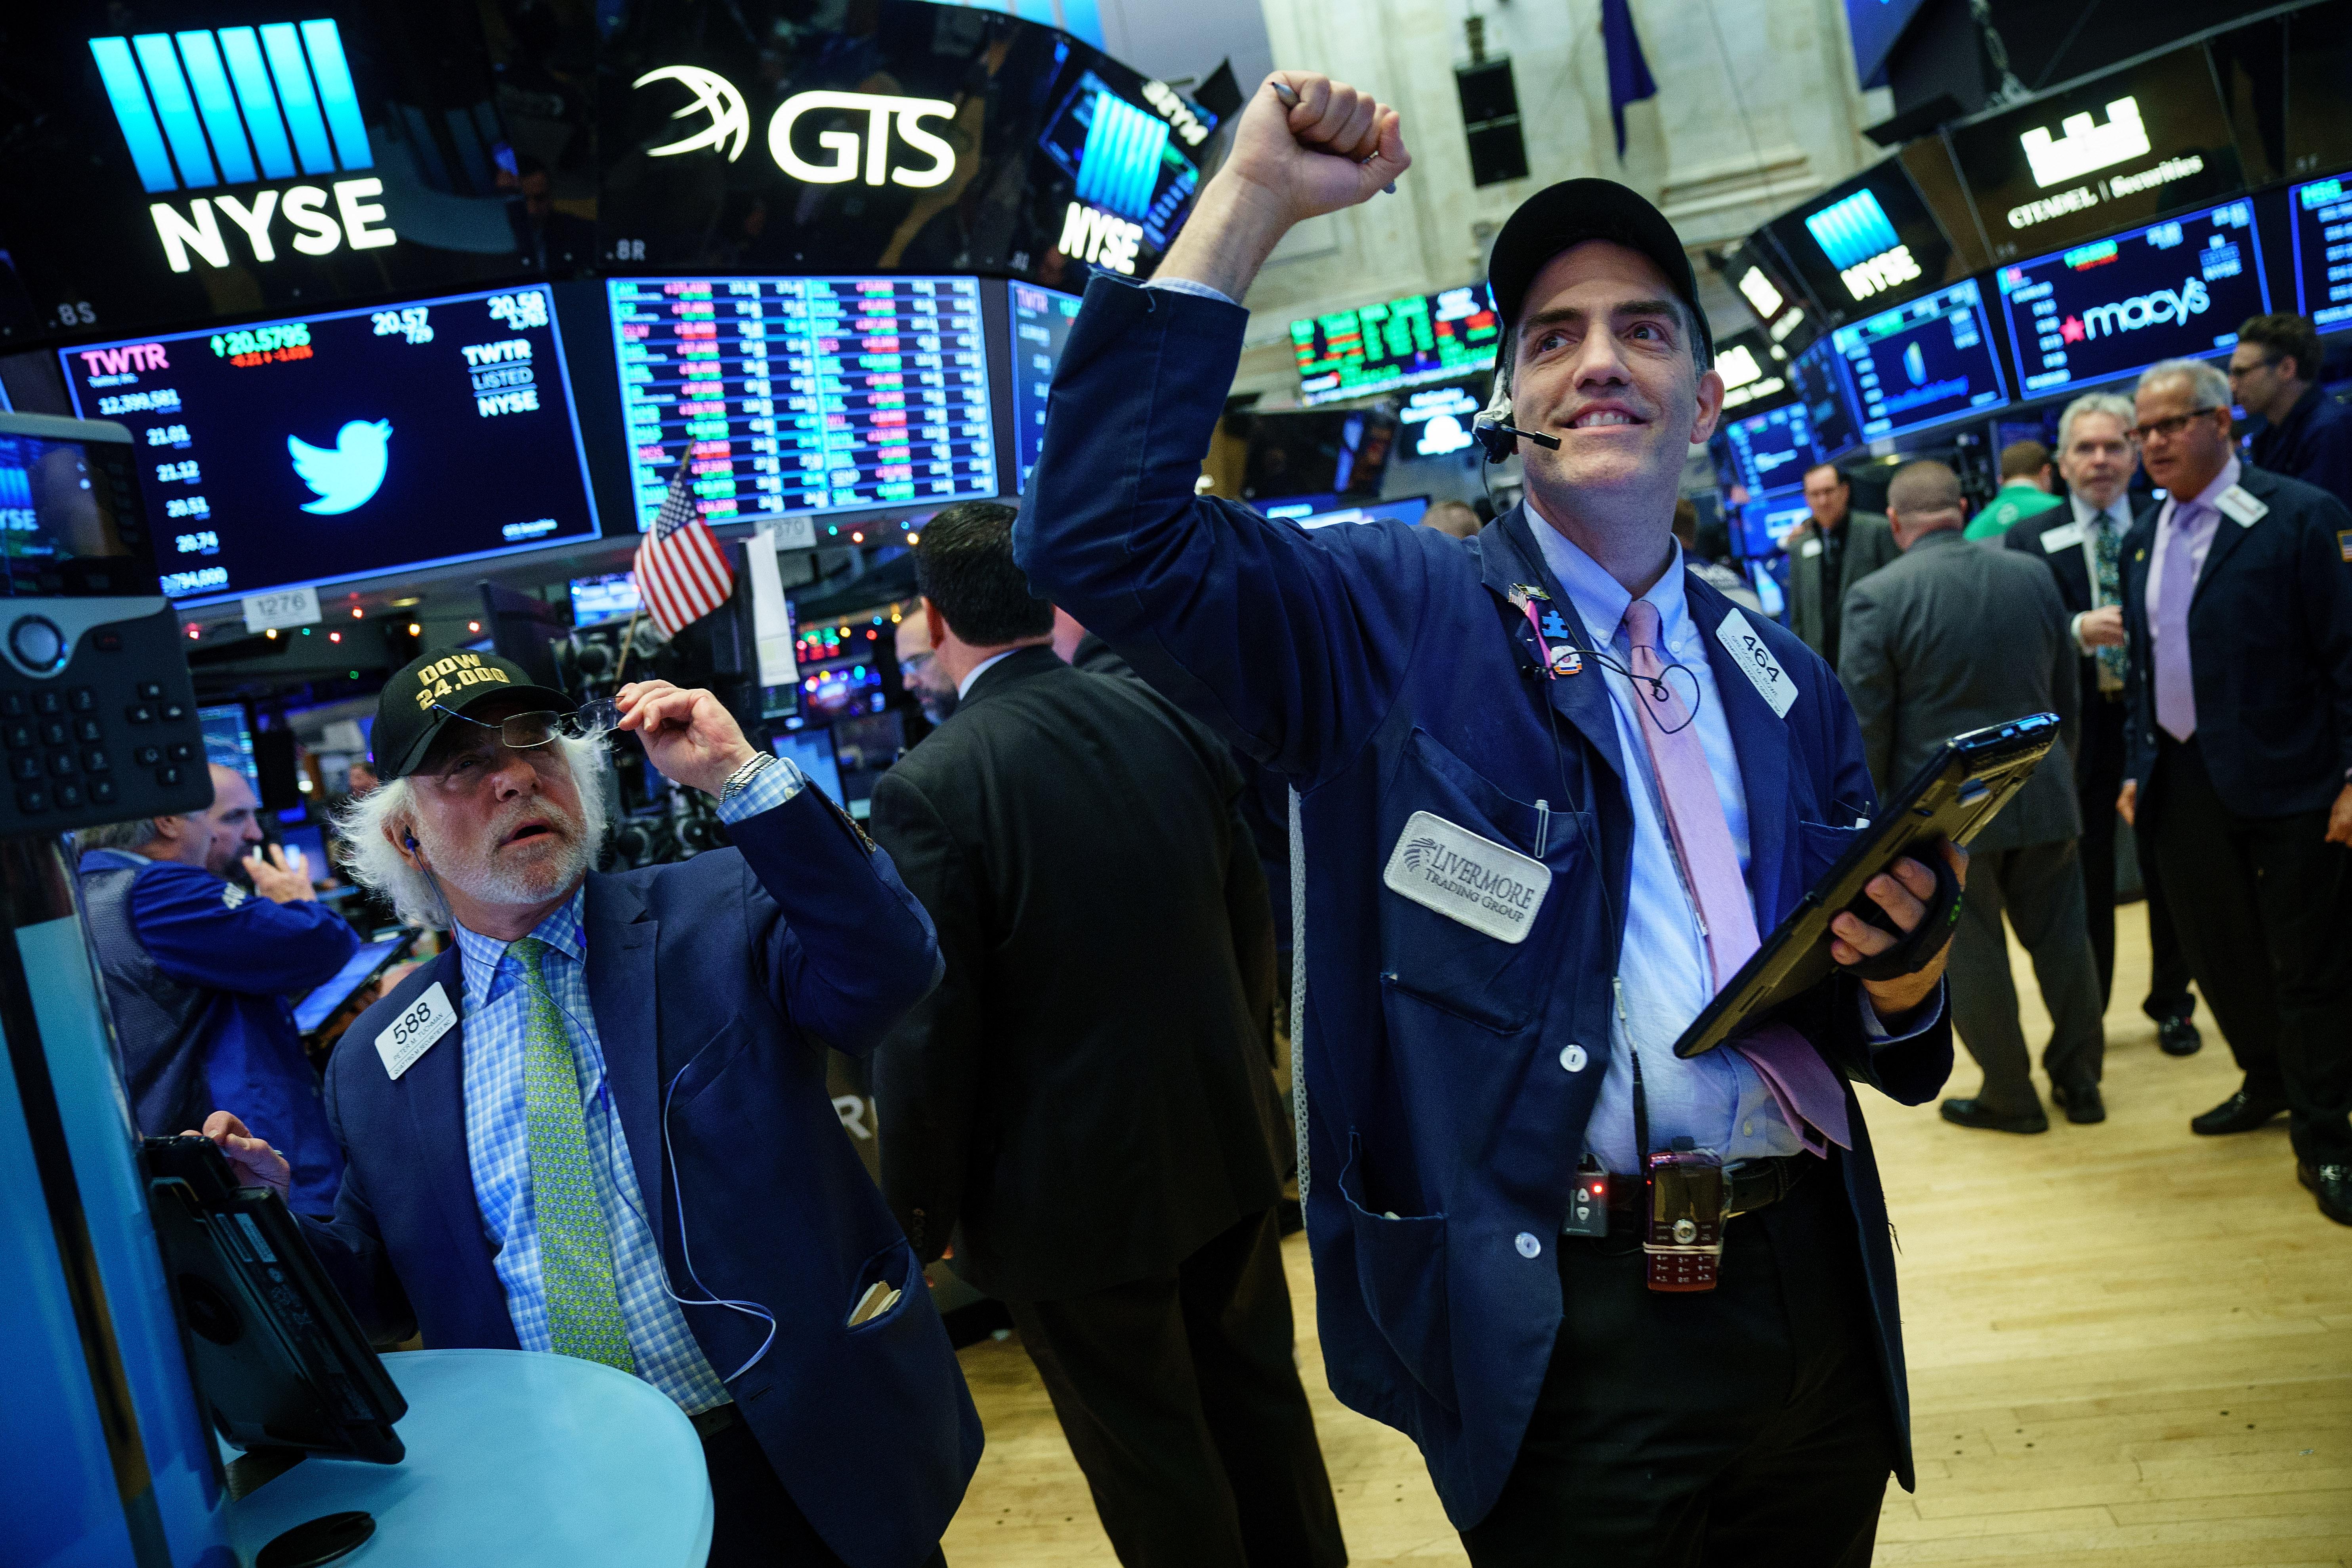 企業盈餘支撐 2019年美股或跌深反彈